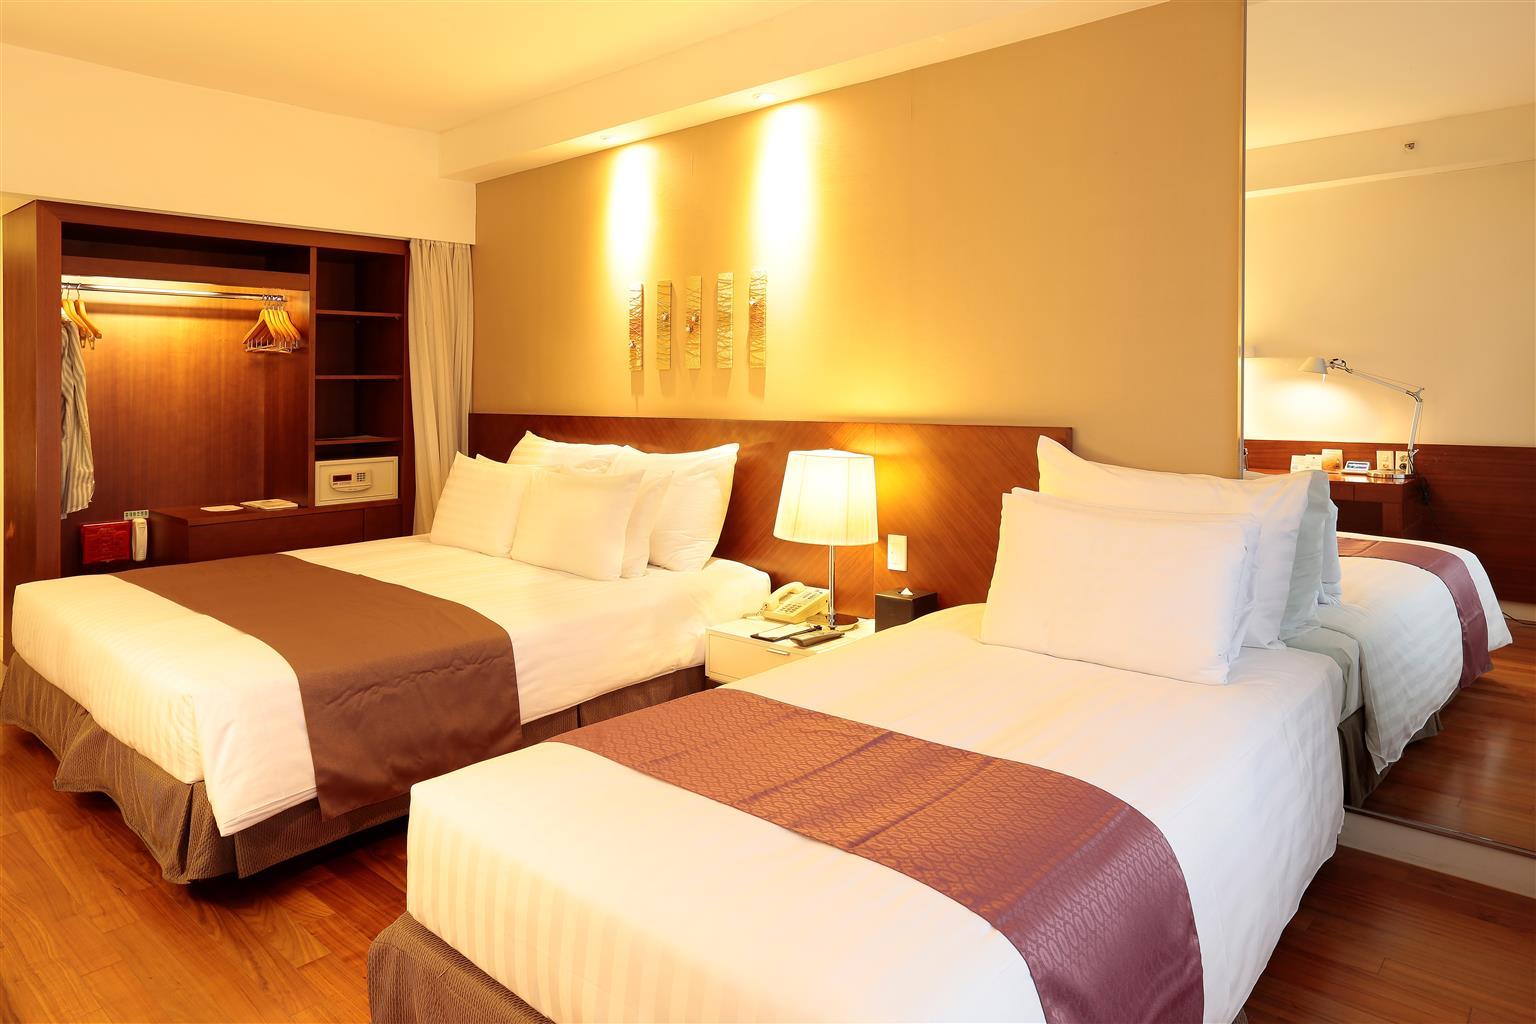 Book best western premier hotel kukdo seoul south korea hotels com -  99512_013_guestroom 99512_014_guestroom 99512_015_guestroom 99512_016_guestroom 99512_017_guestroom 99512_018_guestroom 99512_019_guestroom